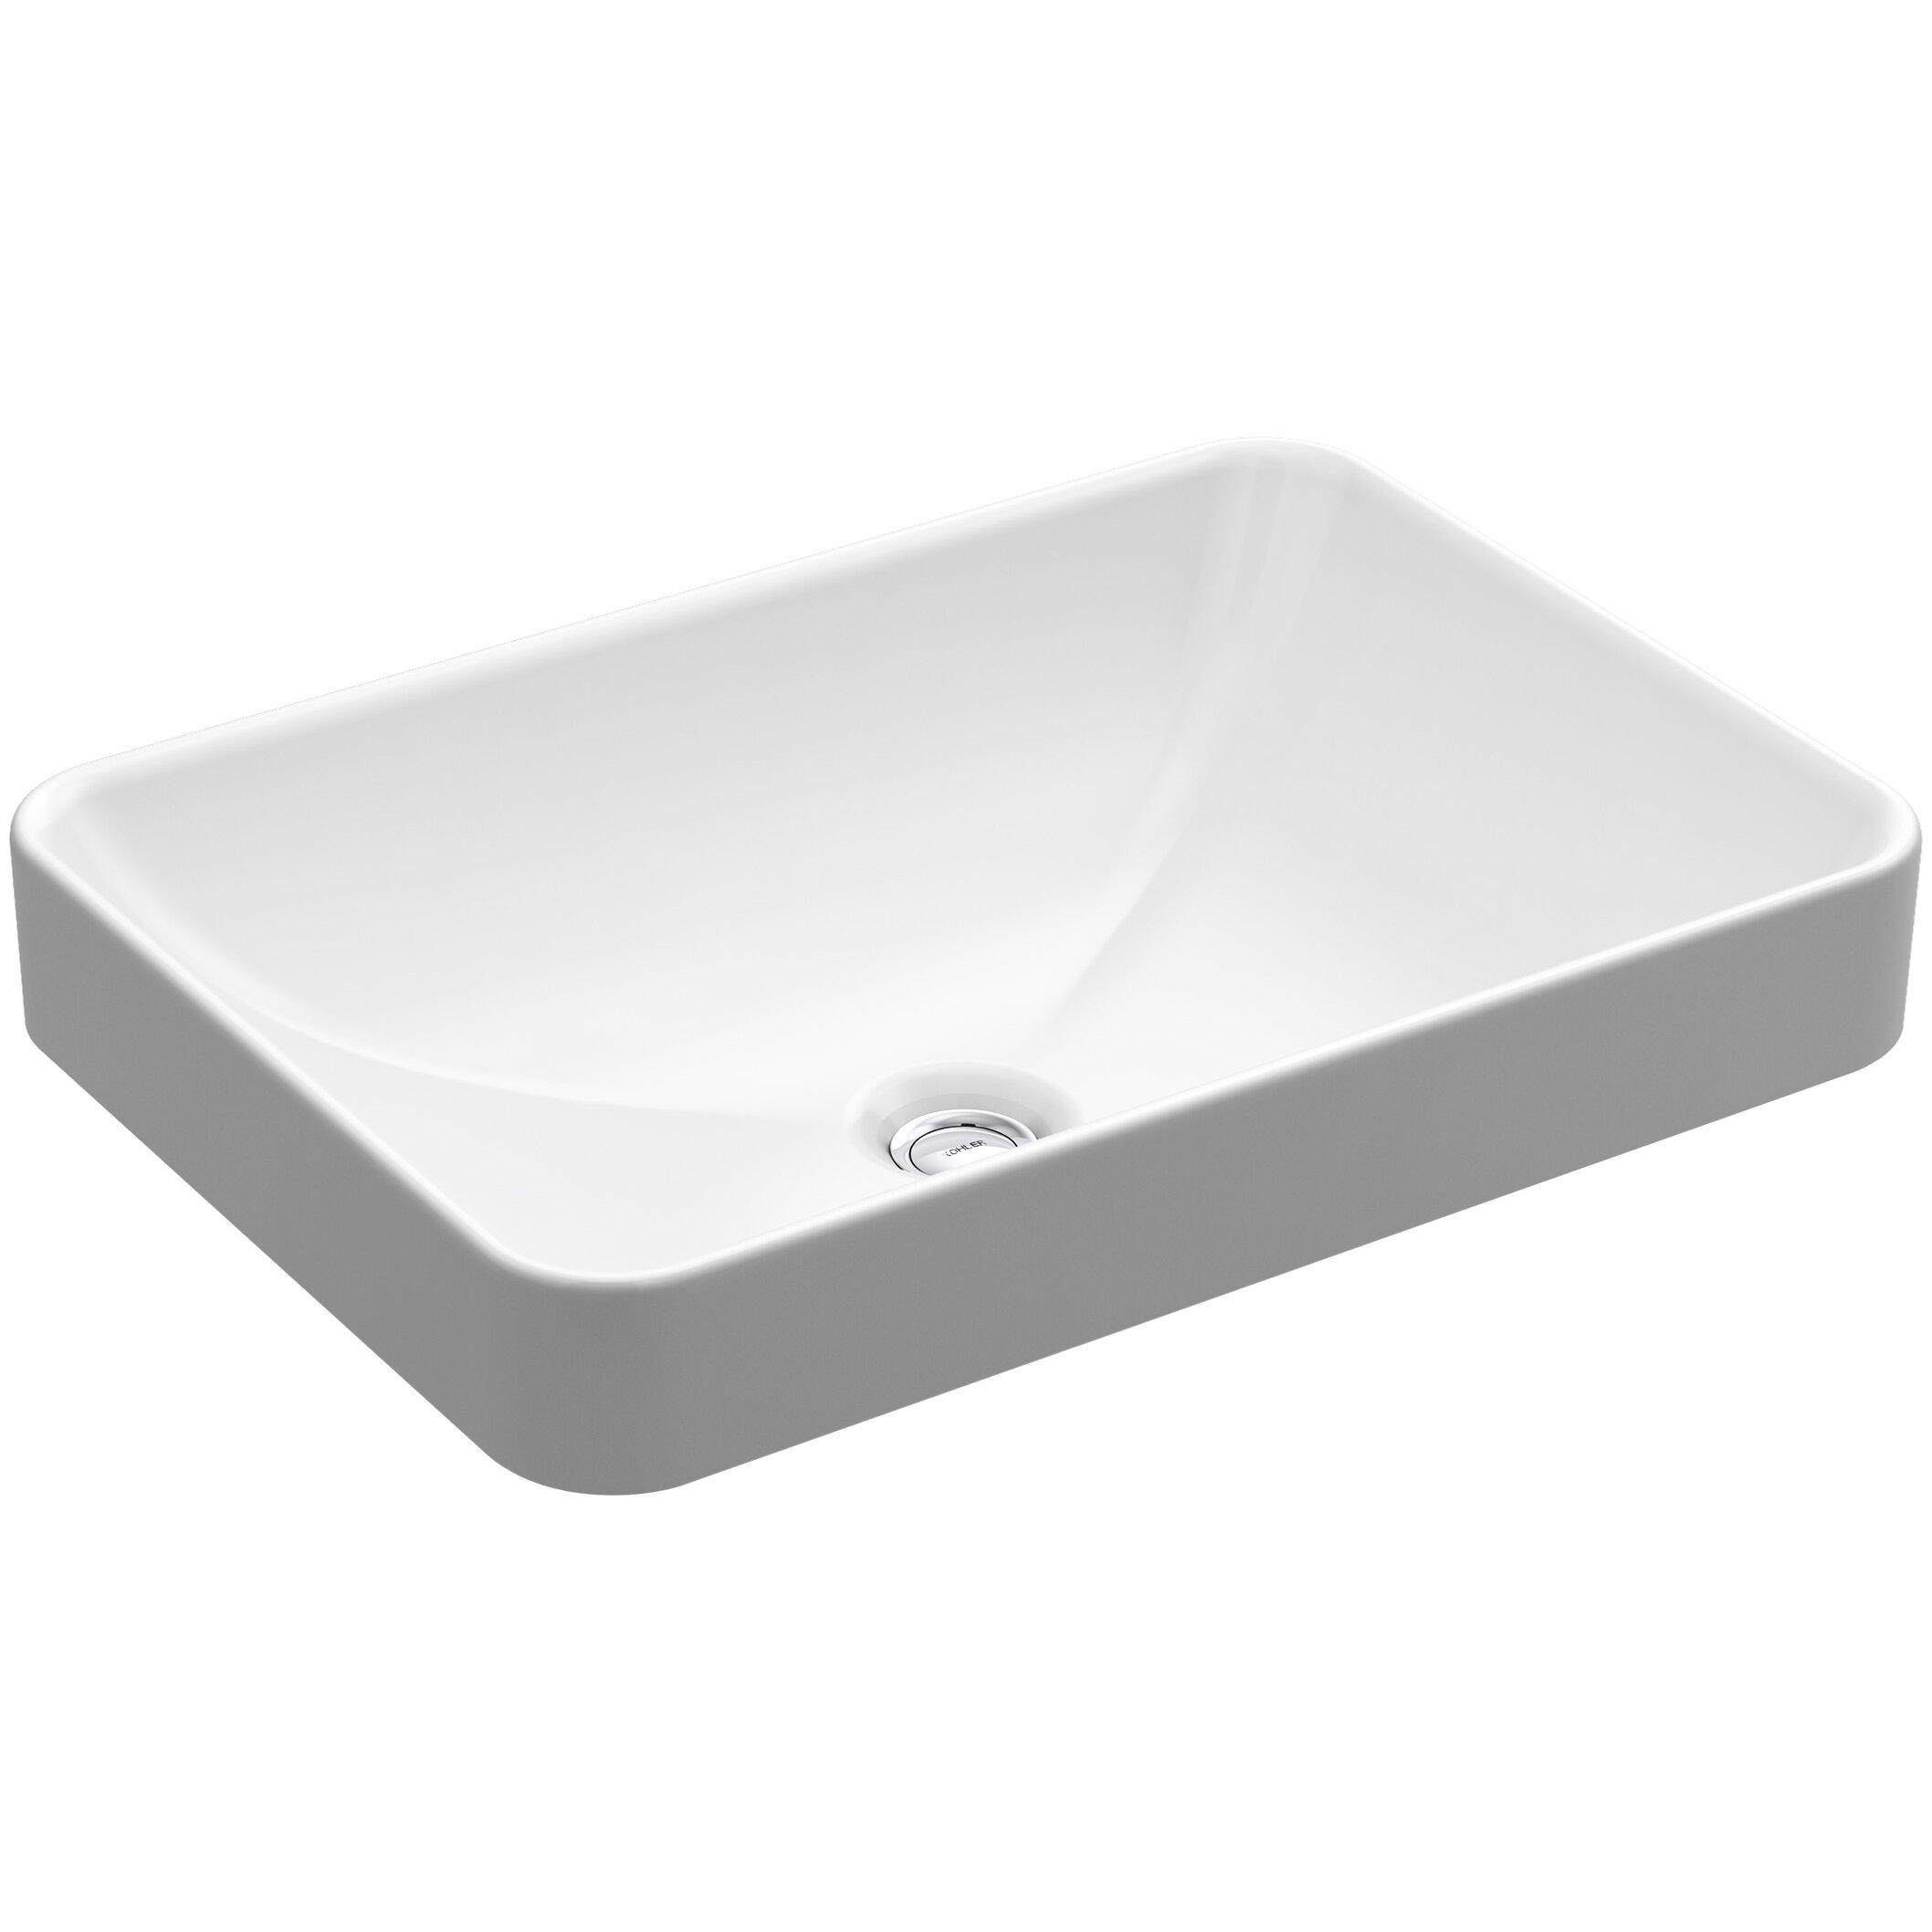 Kohler Vox Rectangle Vessel Counter Bathroom Sink in